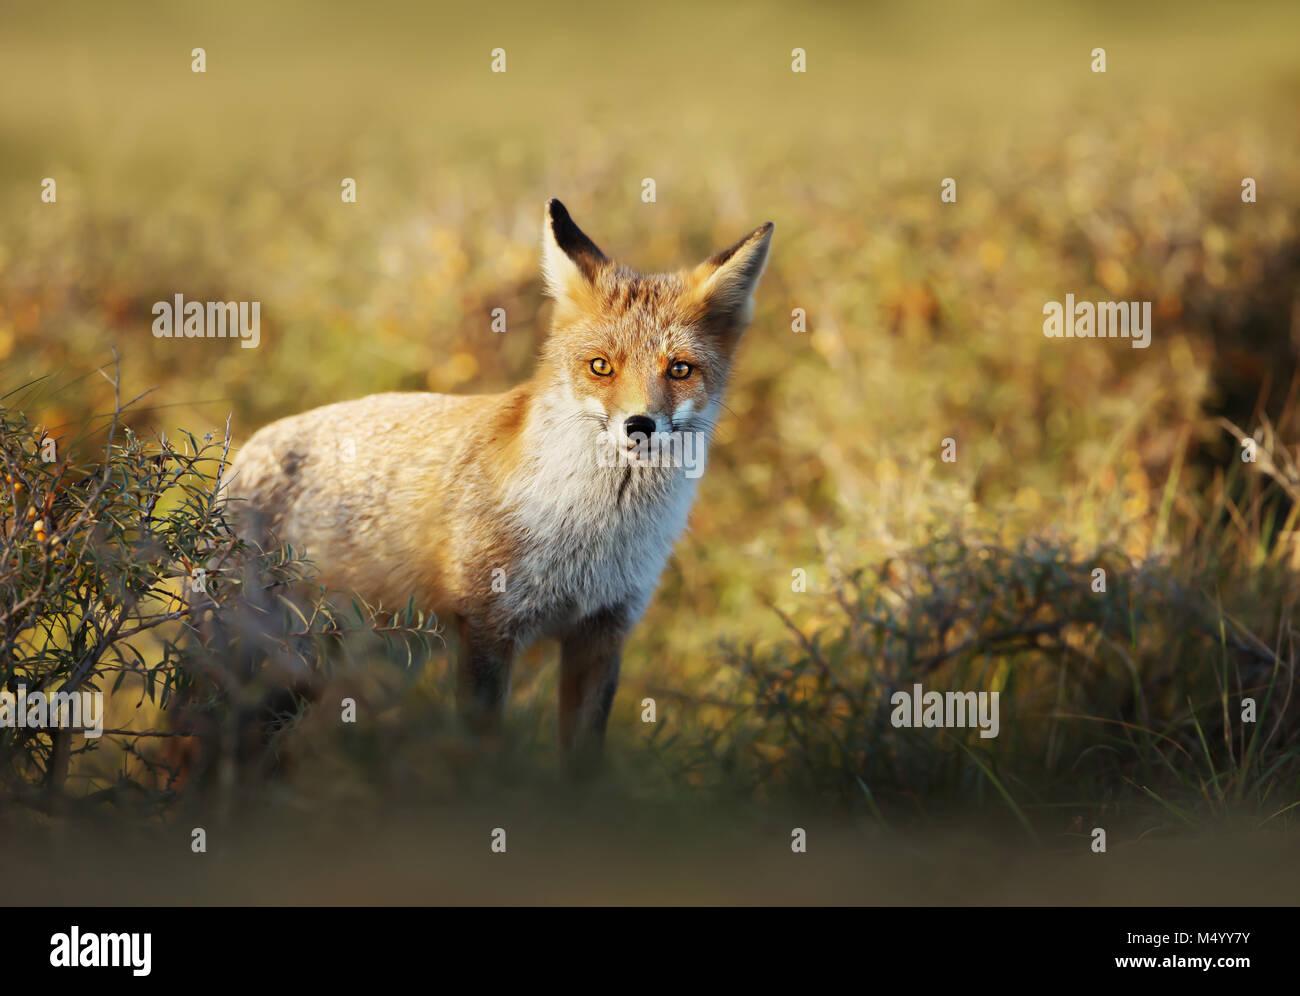 Primer plano de un joven zorro rojo de pie en el campo de hierba en una soleada tarde. Imagen De Stock